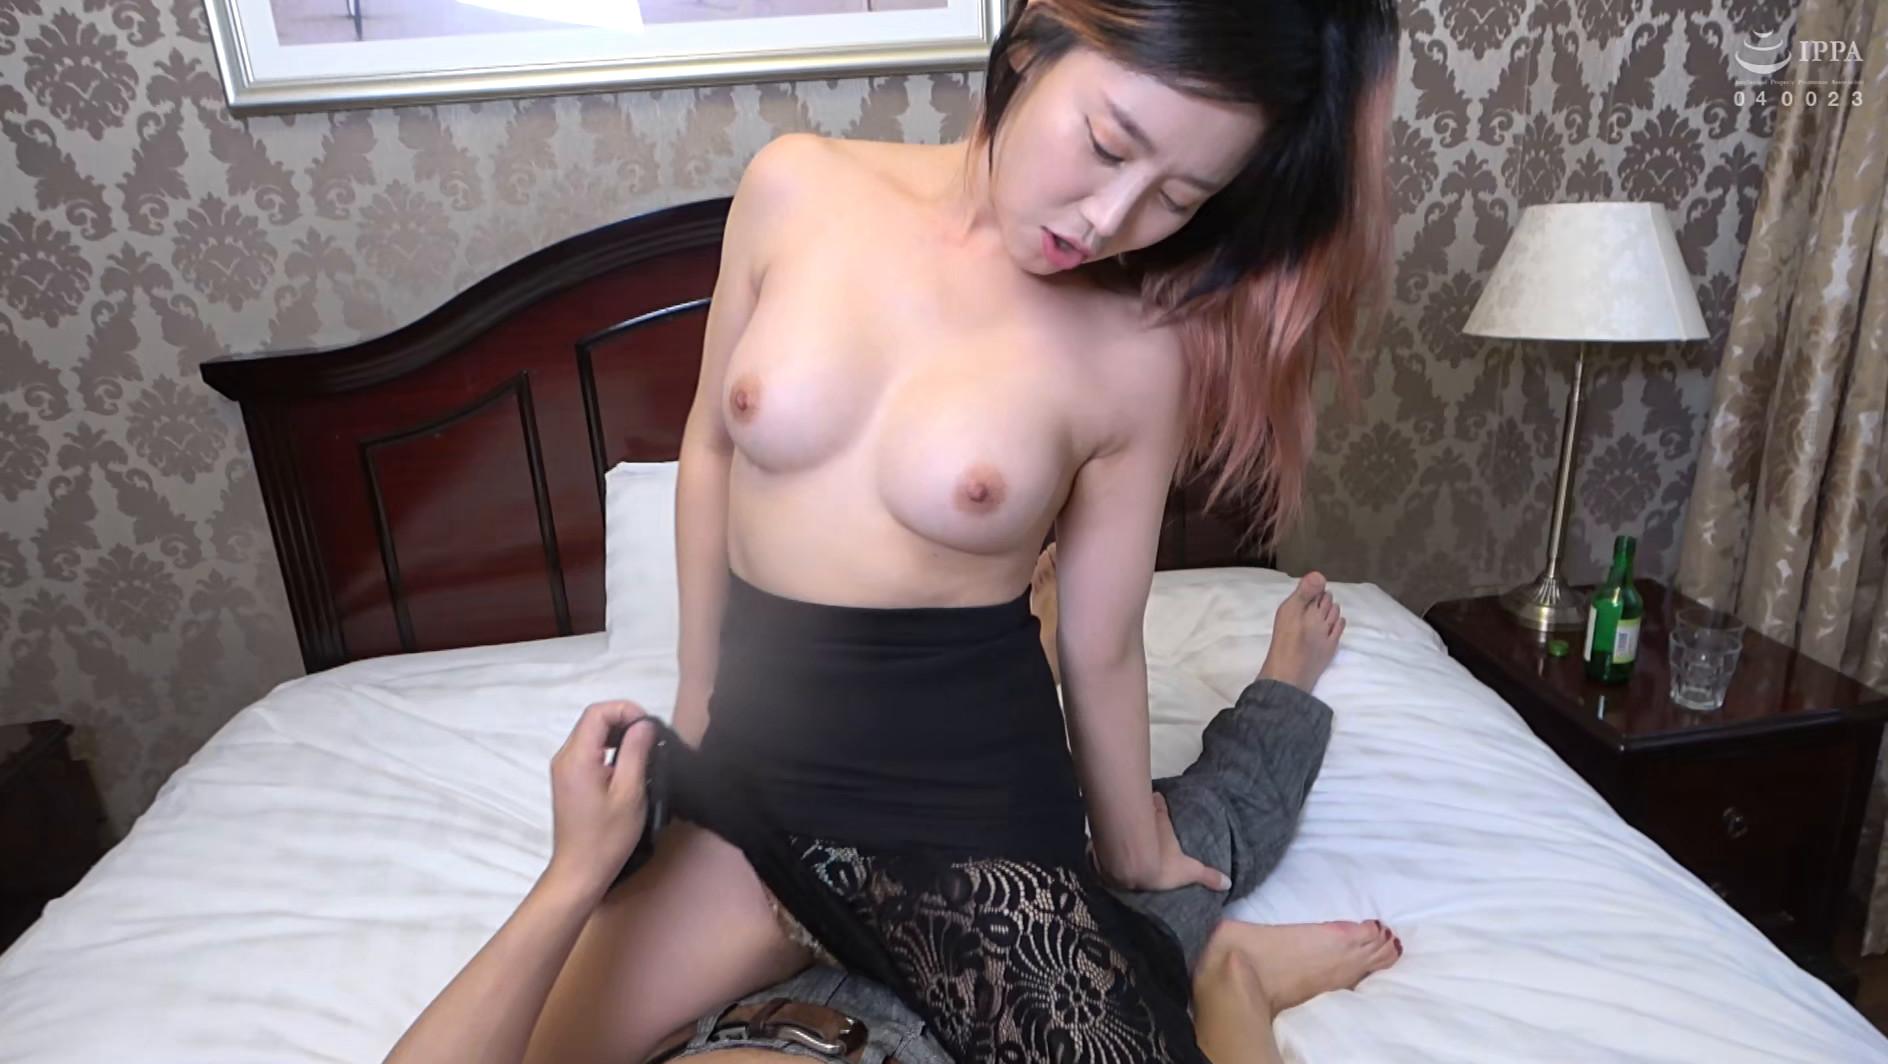 まるで設定6のスロットみたい!韓国で遭遇したヤリマン美女!セックスが好き過ぎて日本人のペニスに興味津々!圧倒的な美脚騎乗位でザー汁を絞り出されてスッキリ! 画像17